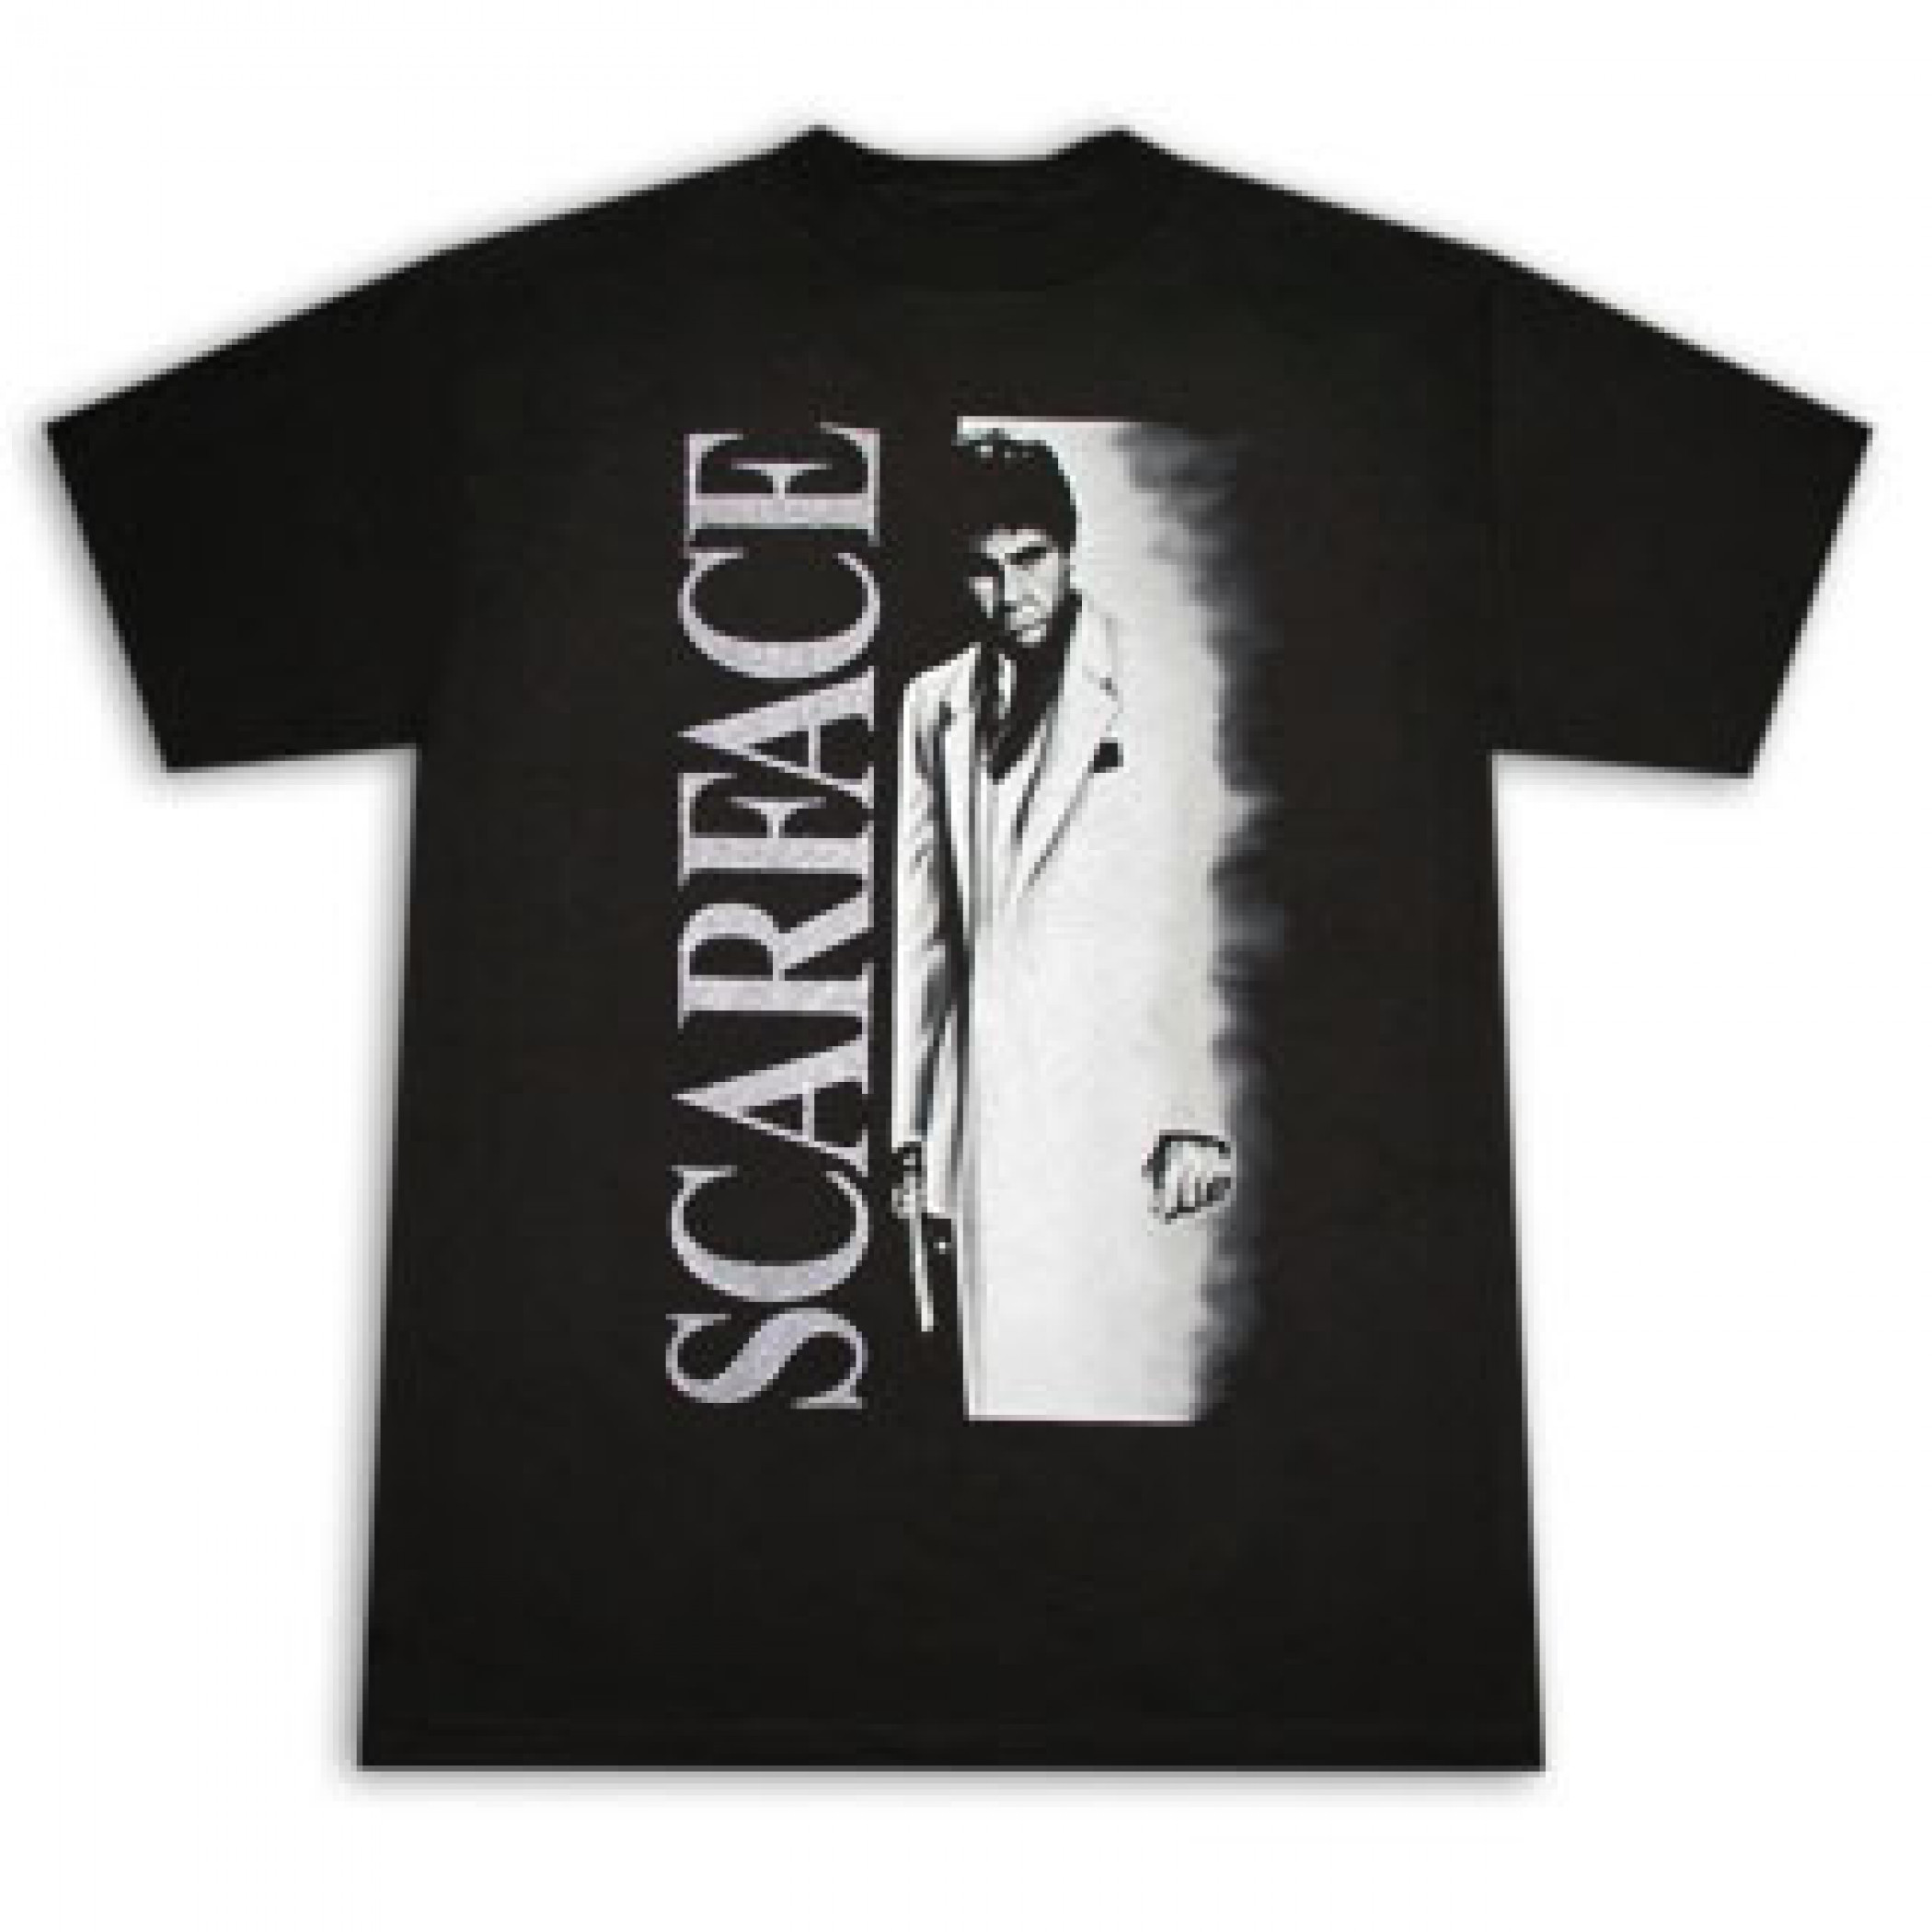 Scarface Airbrush Metallic Poster Black Graphic T-Shirt